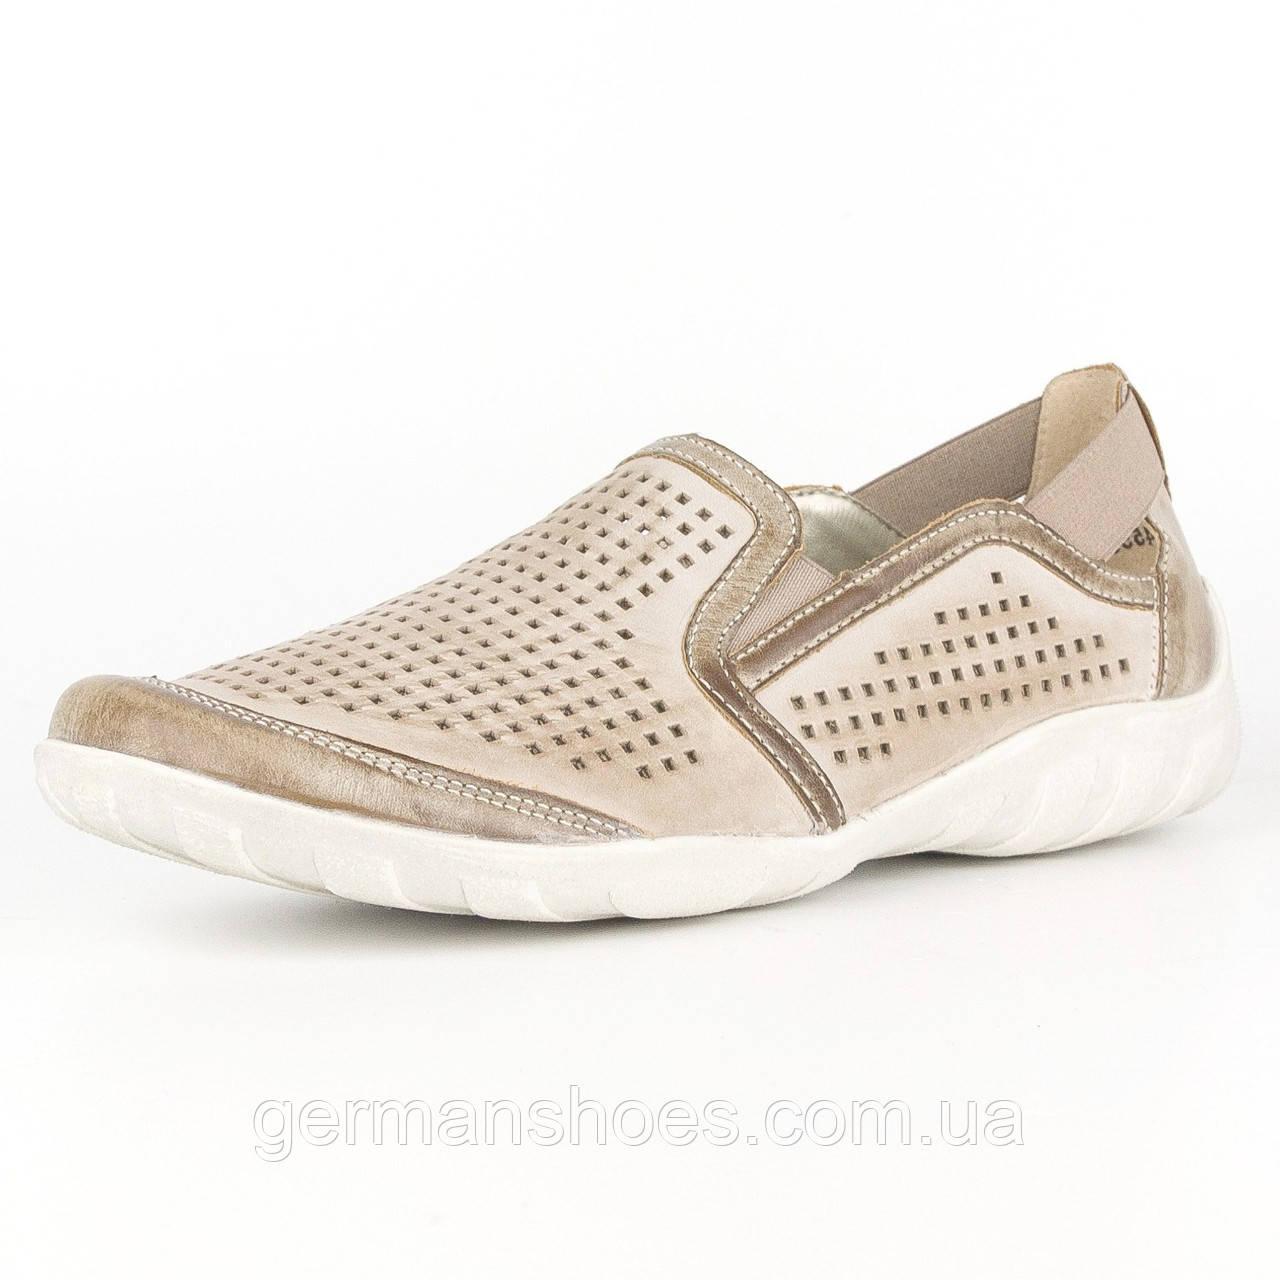 Туфли женские Remonte R3425-62